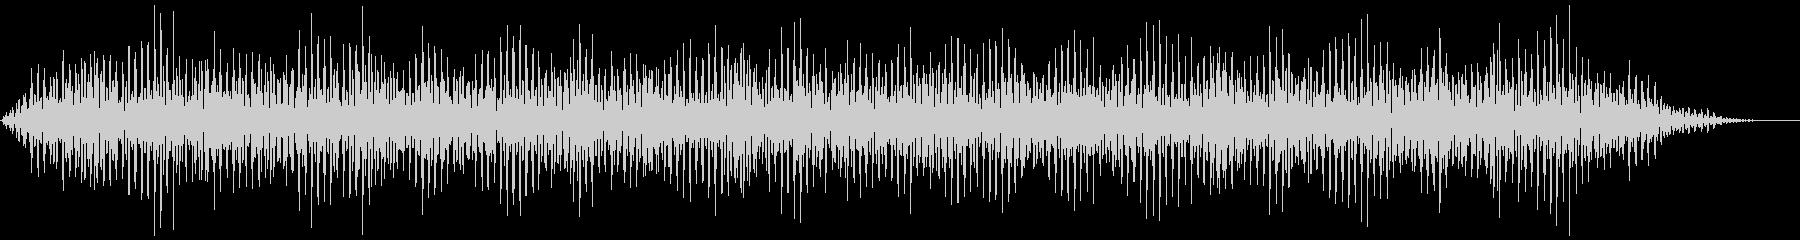 背景音 不気味の未再生の波形